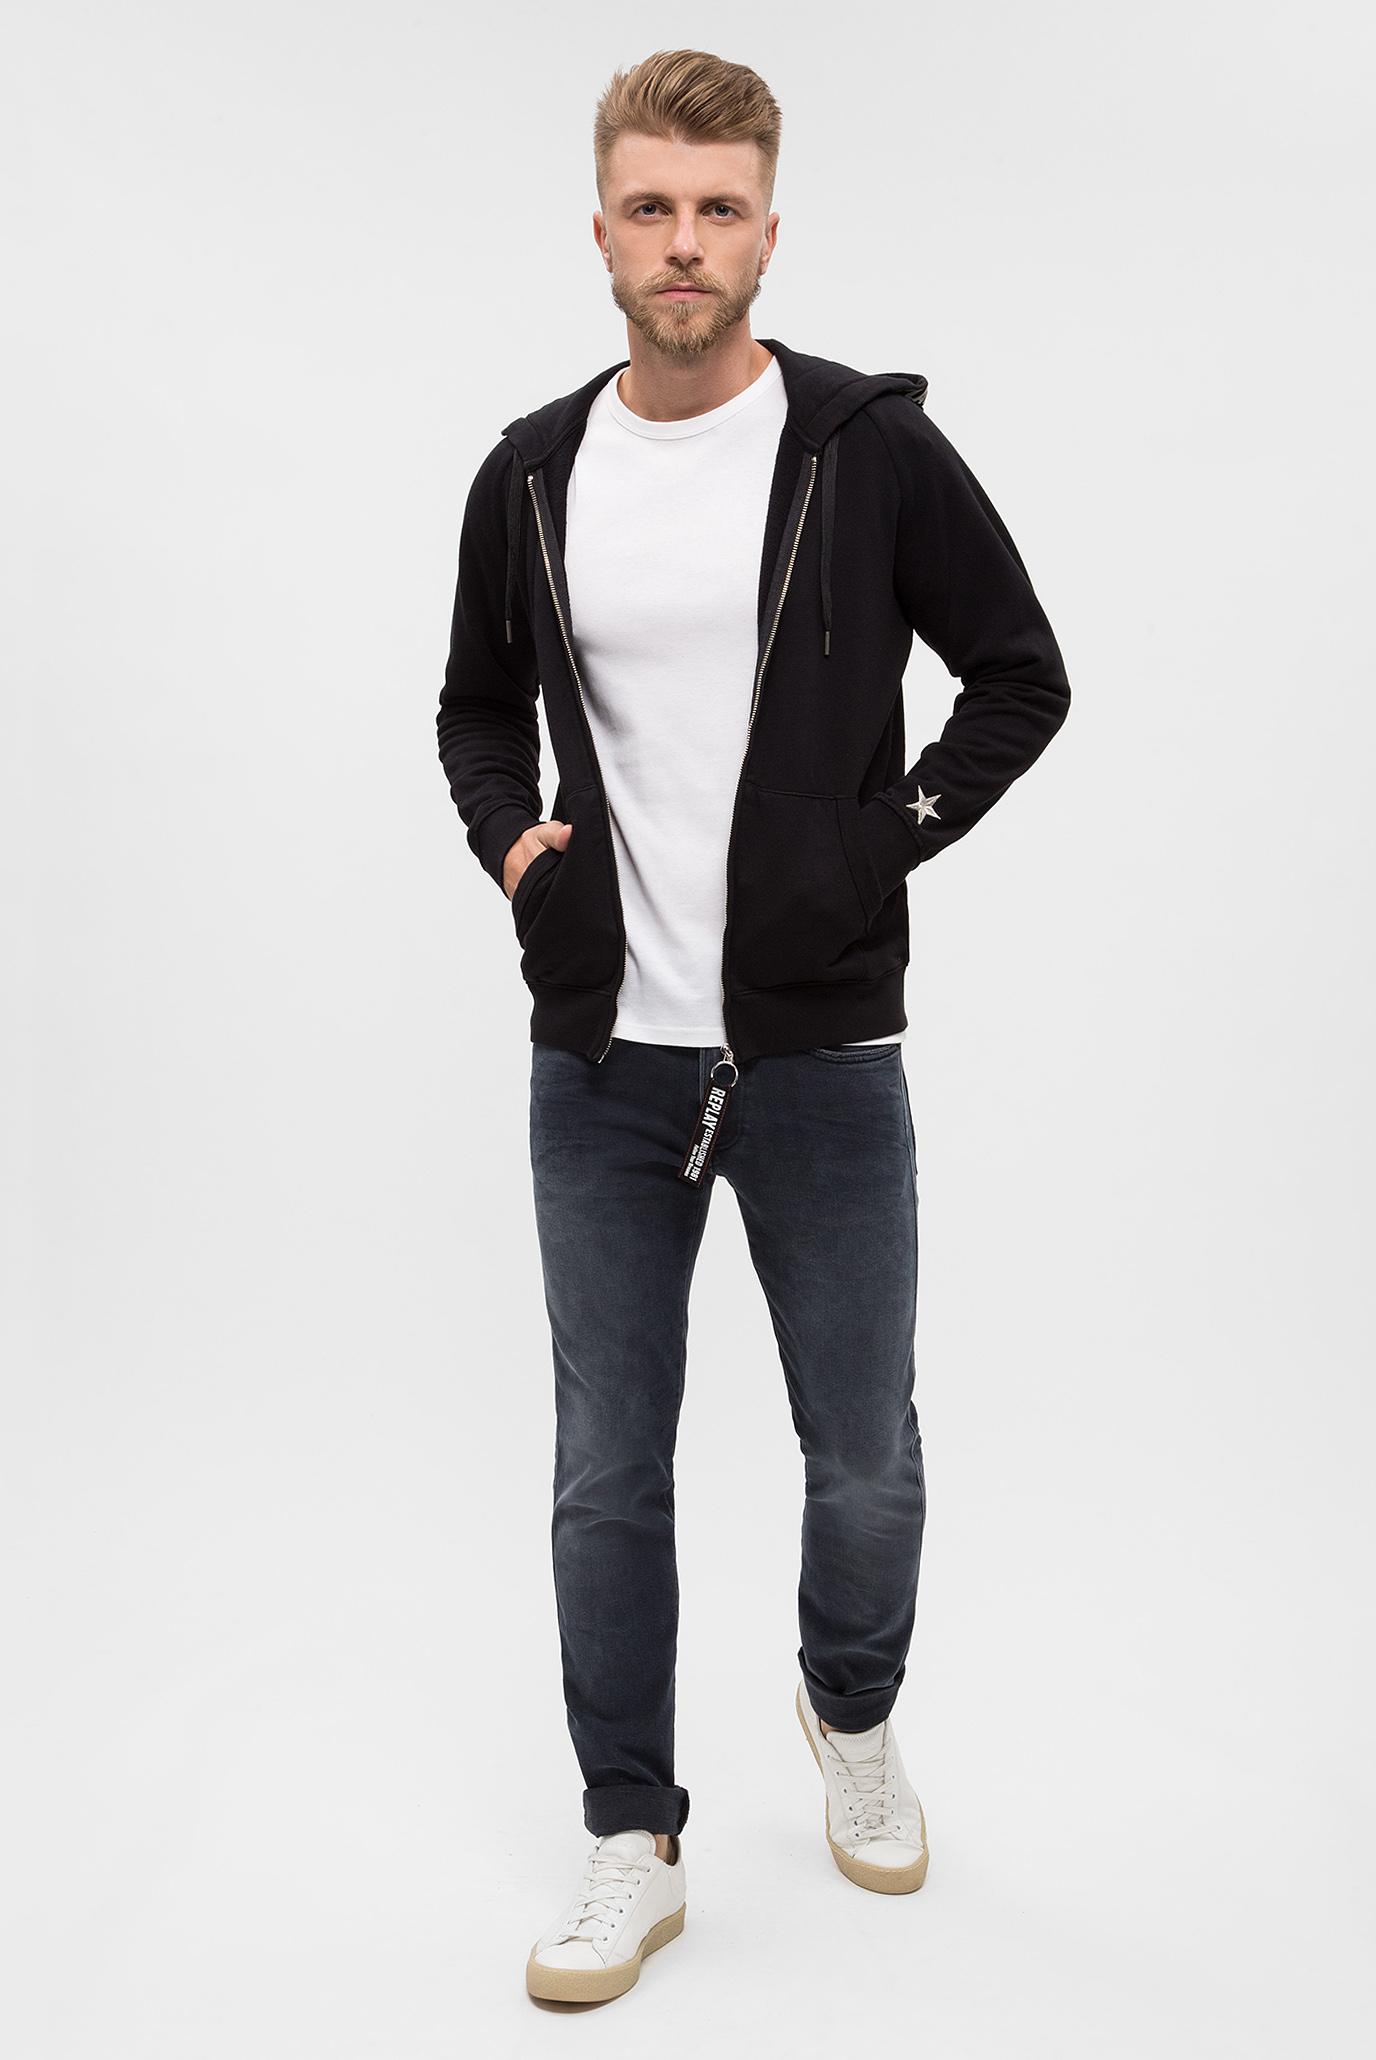 Купить Мужские серые джинсы ANBASS COIN ZIP Replay Replay MB914 .000.143 387 – Киев, Украина. Цены в интернет магазине MD Fashion